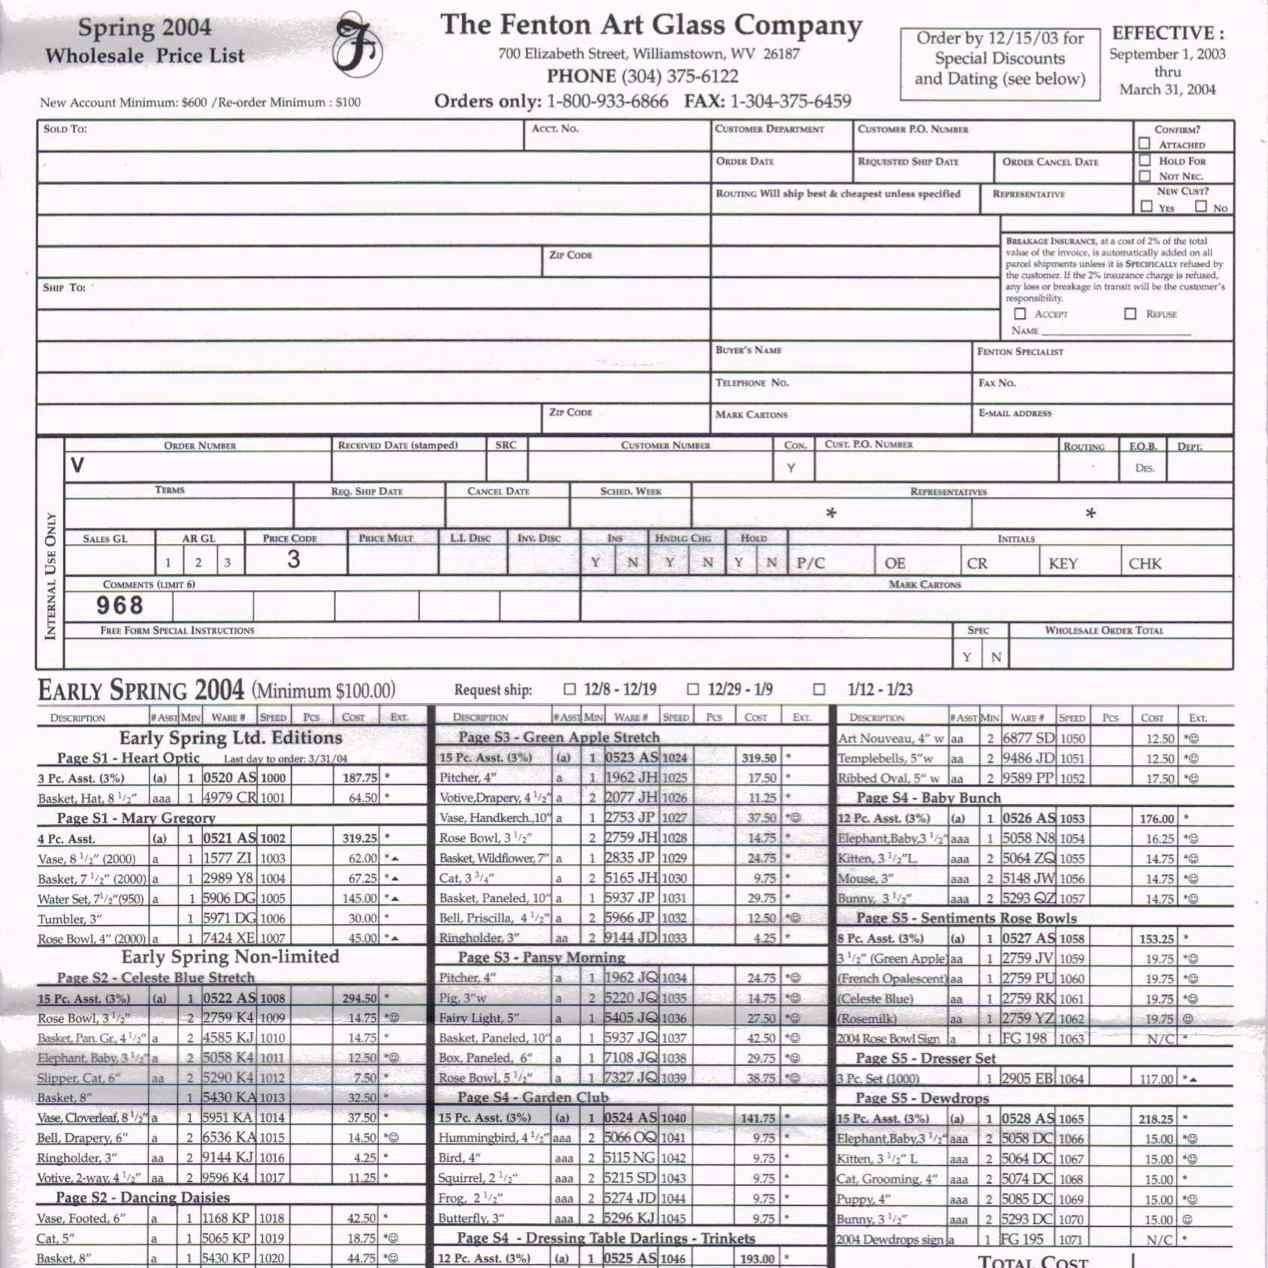 2004 Spring Price Guide v1